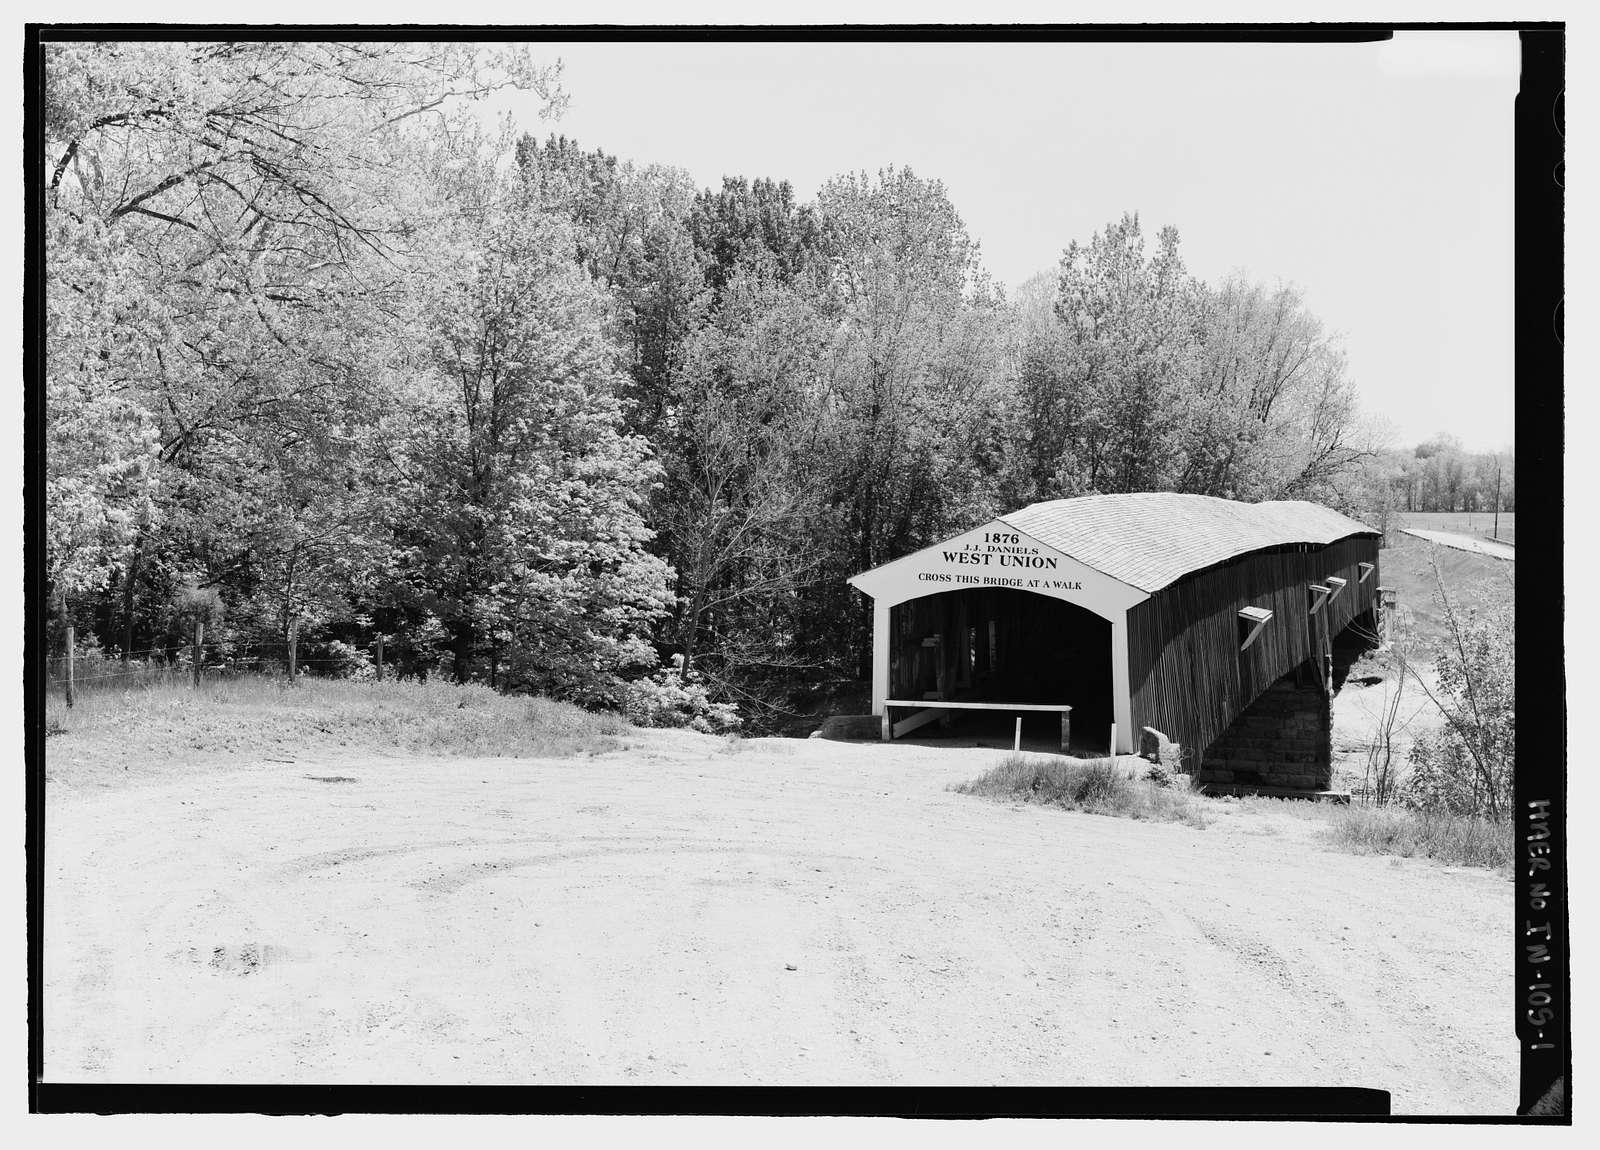 West Union Bridge, Spanning Sugar Creek, CR 525W, West Union, Parke County, IN